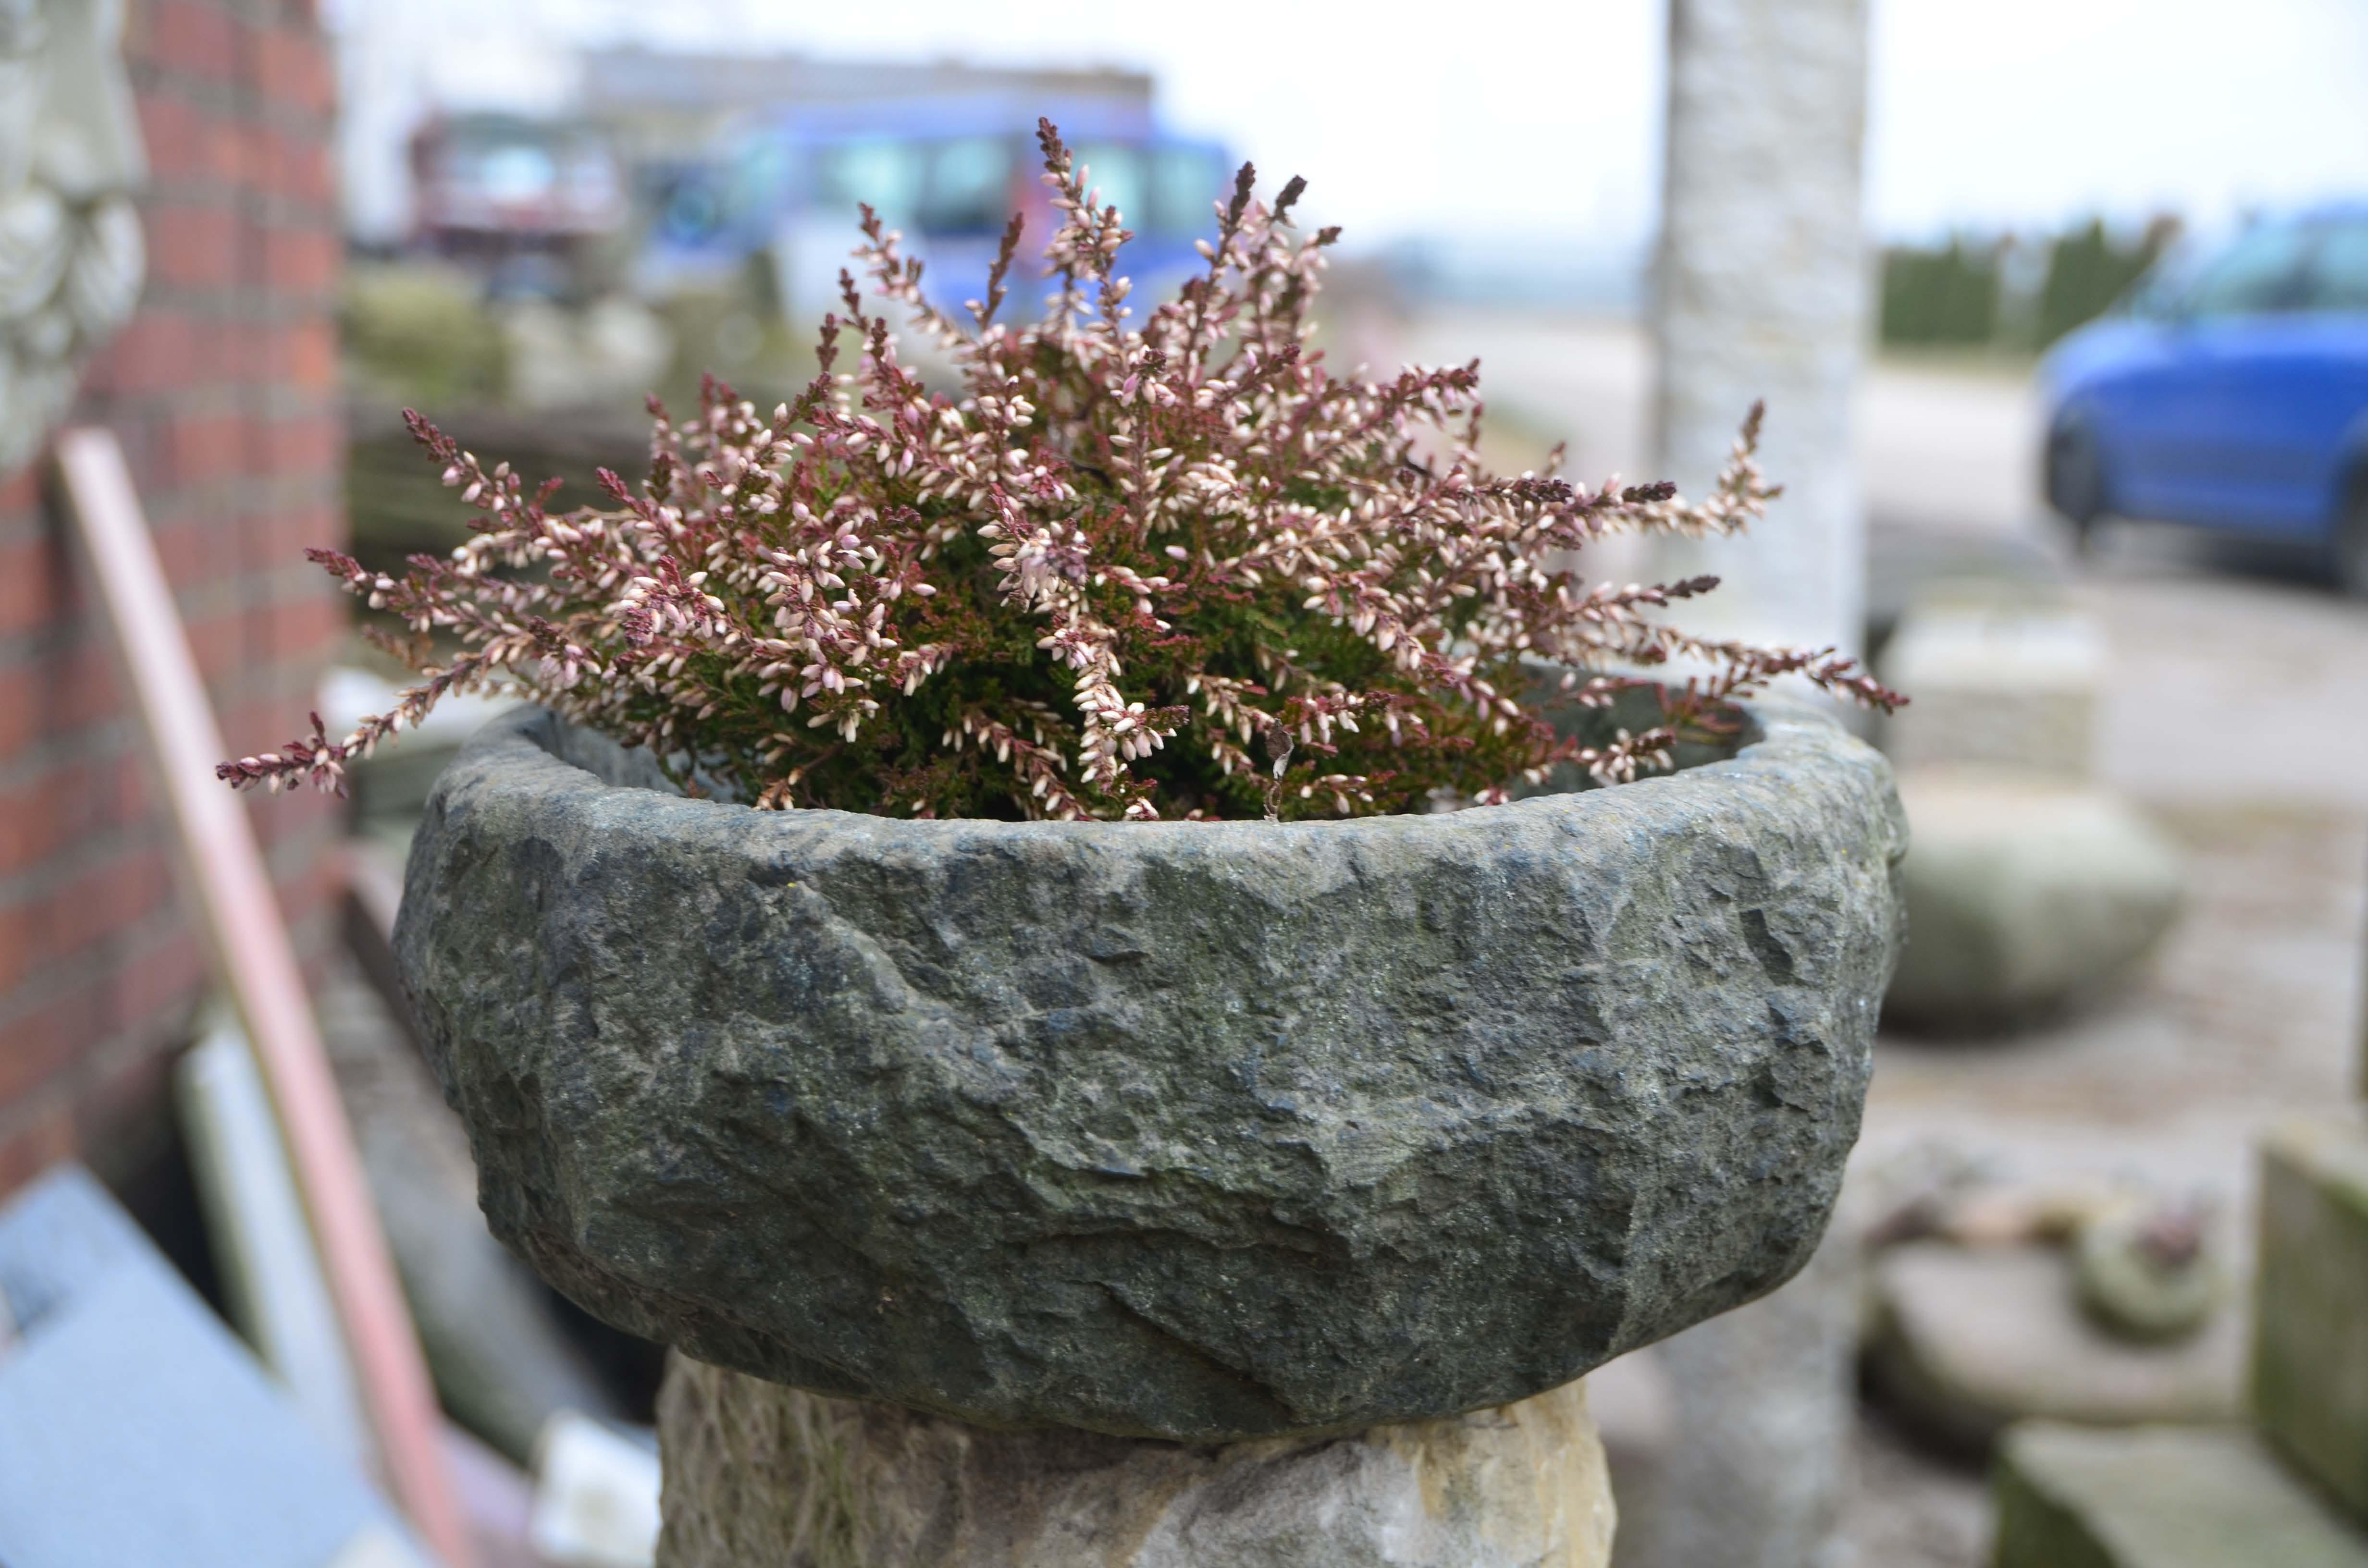 Gartendeko in stein gemei elt for Gartendeko stein